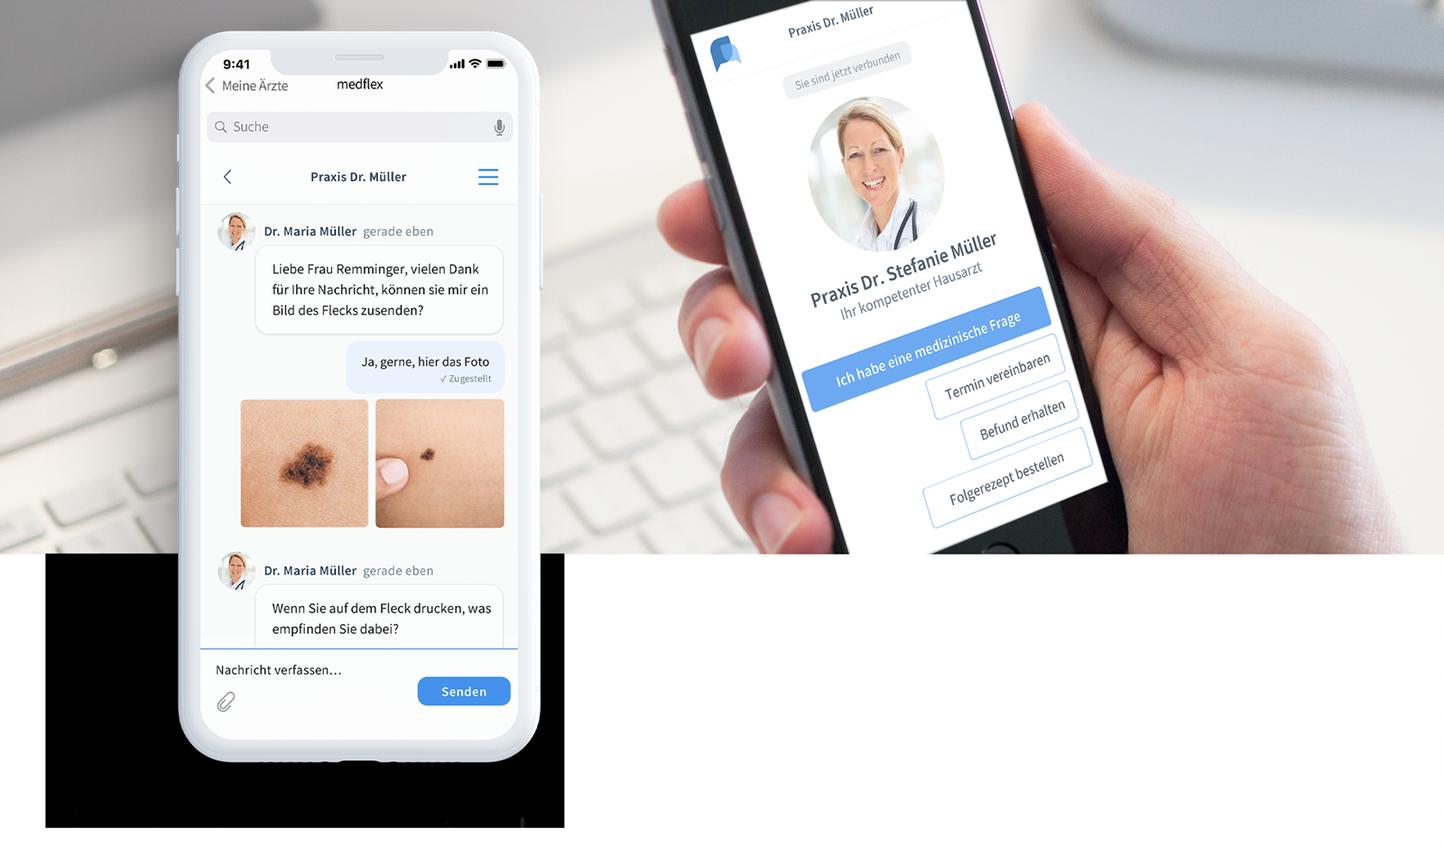 medflex Messenger für Patienten